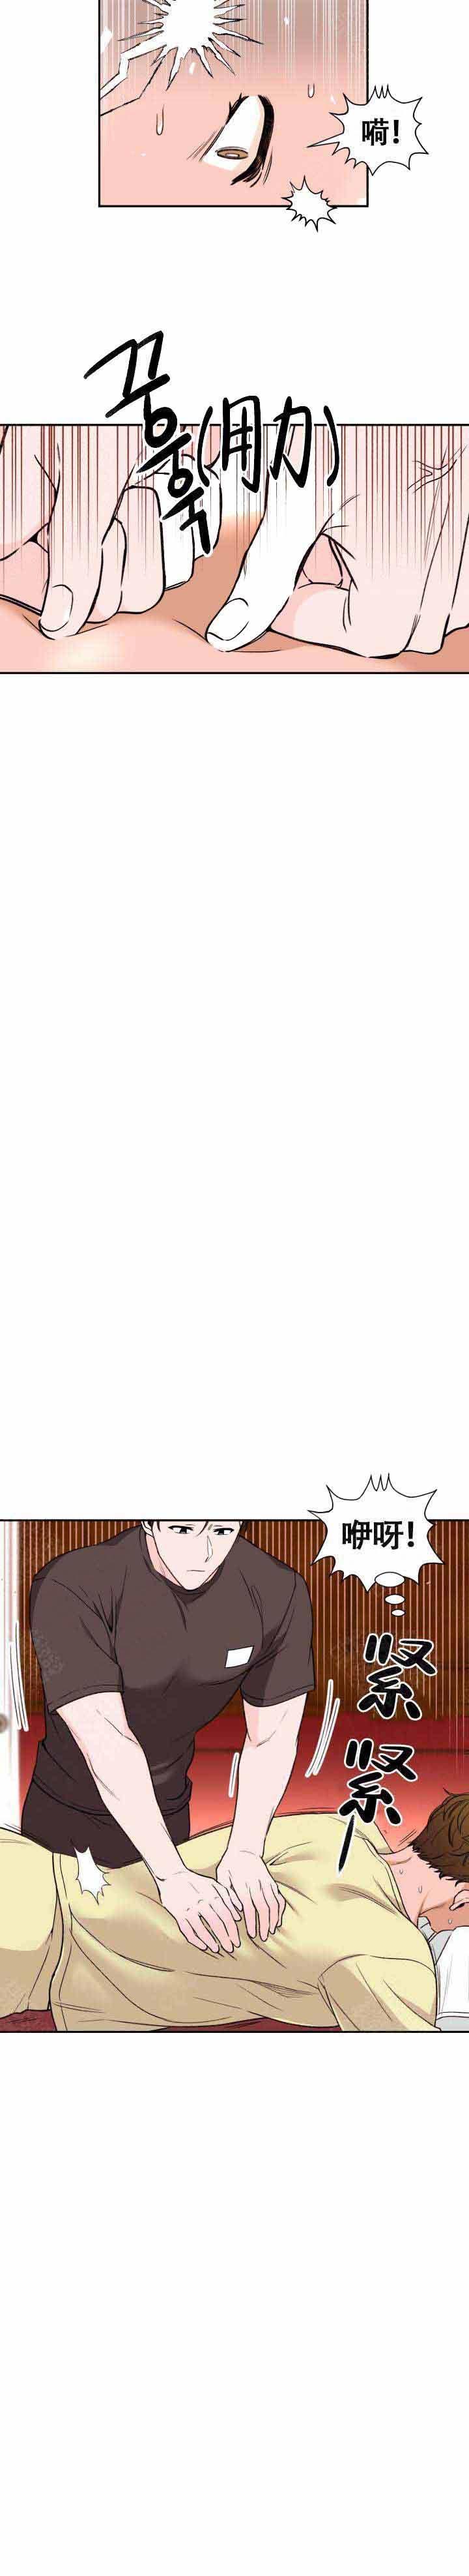 身体解决方案-漫画汉化完整版_全集免费在线阅读-啵乐漫画